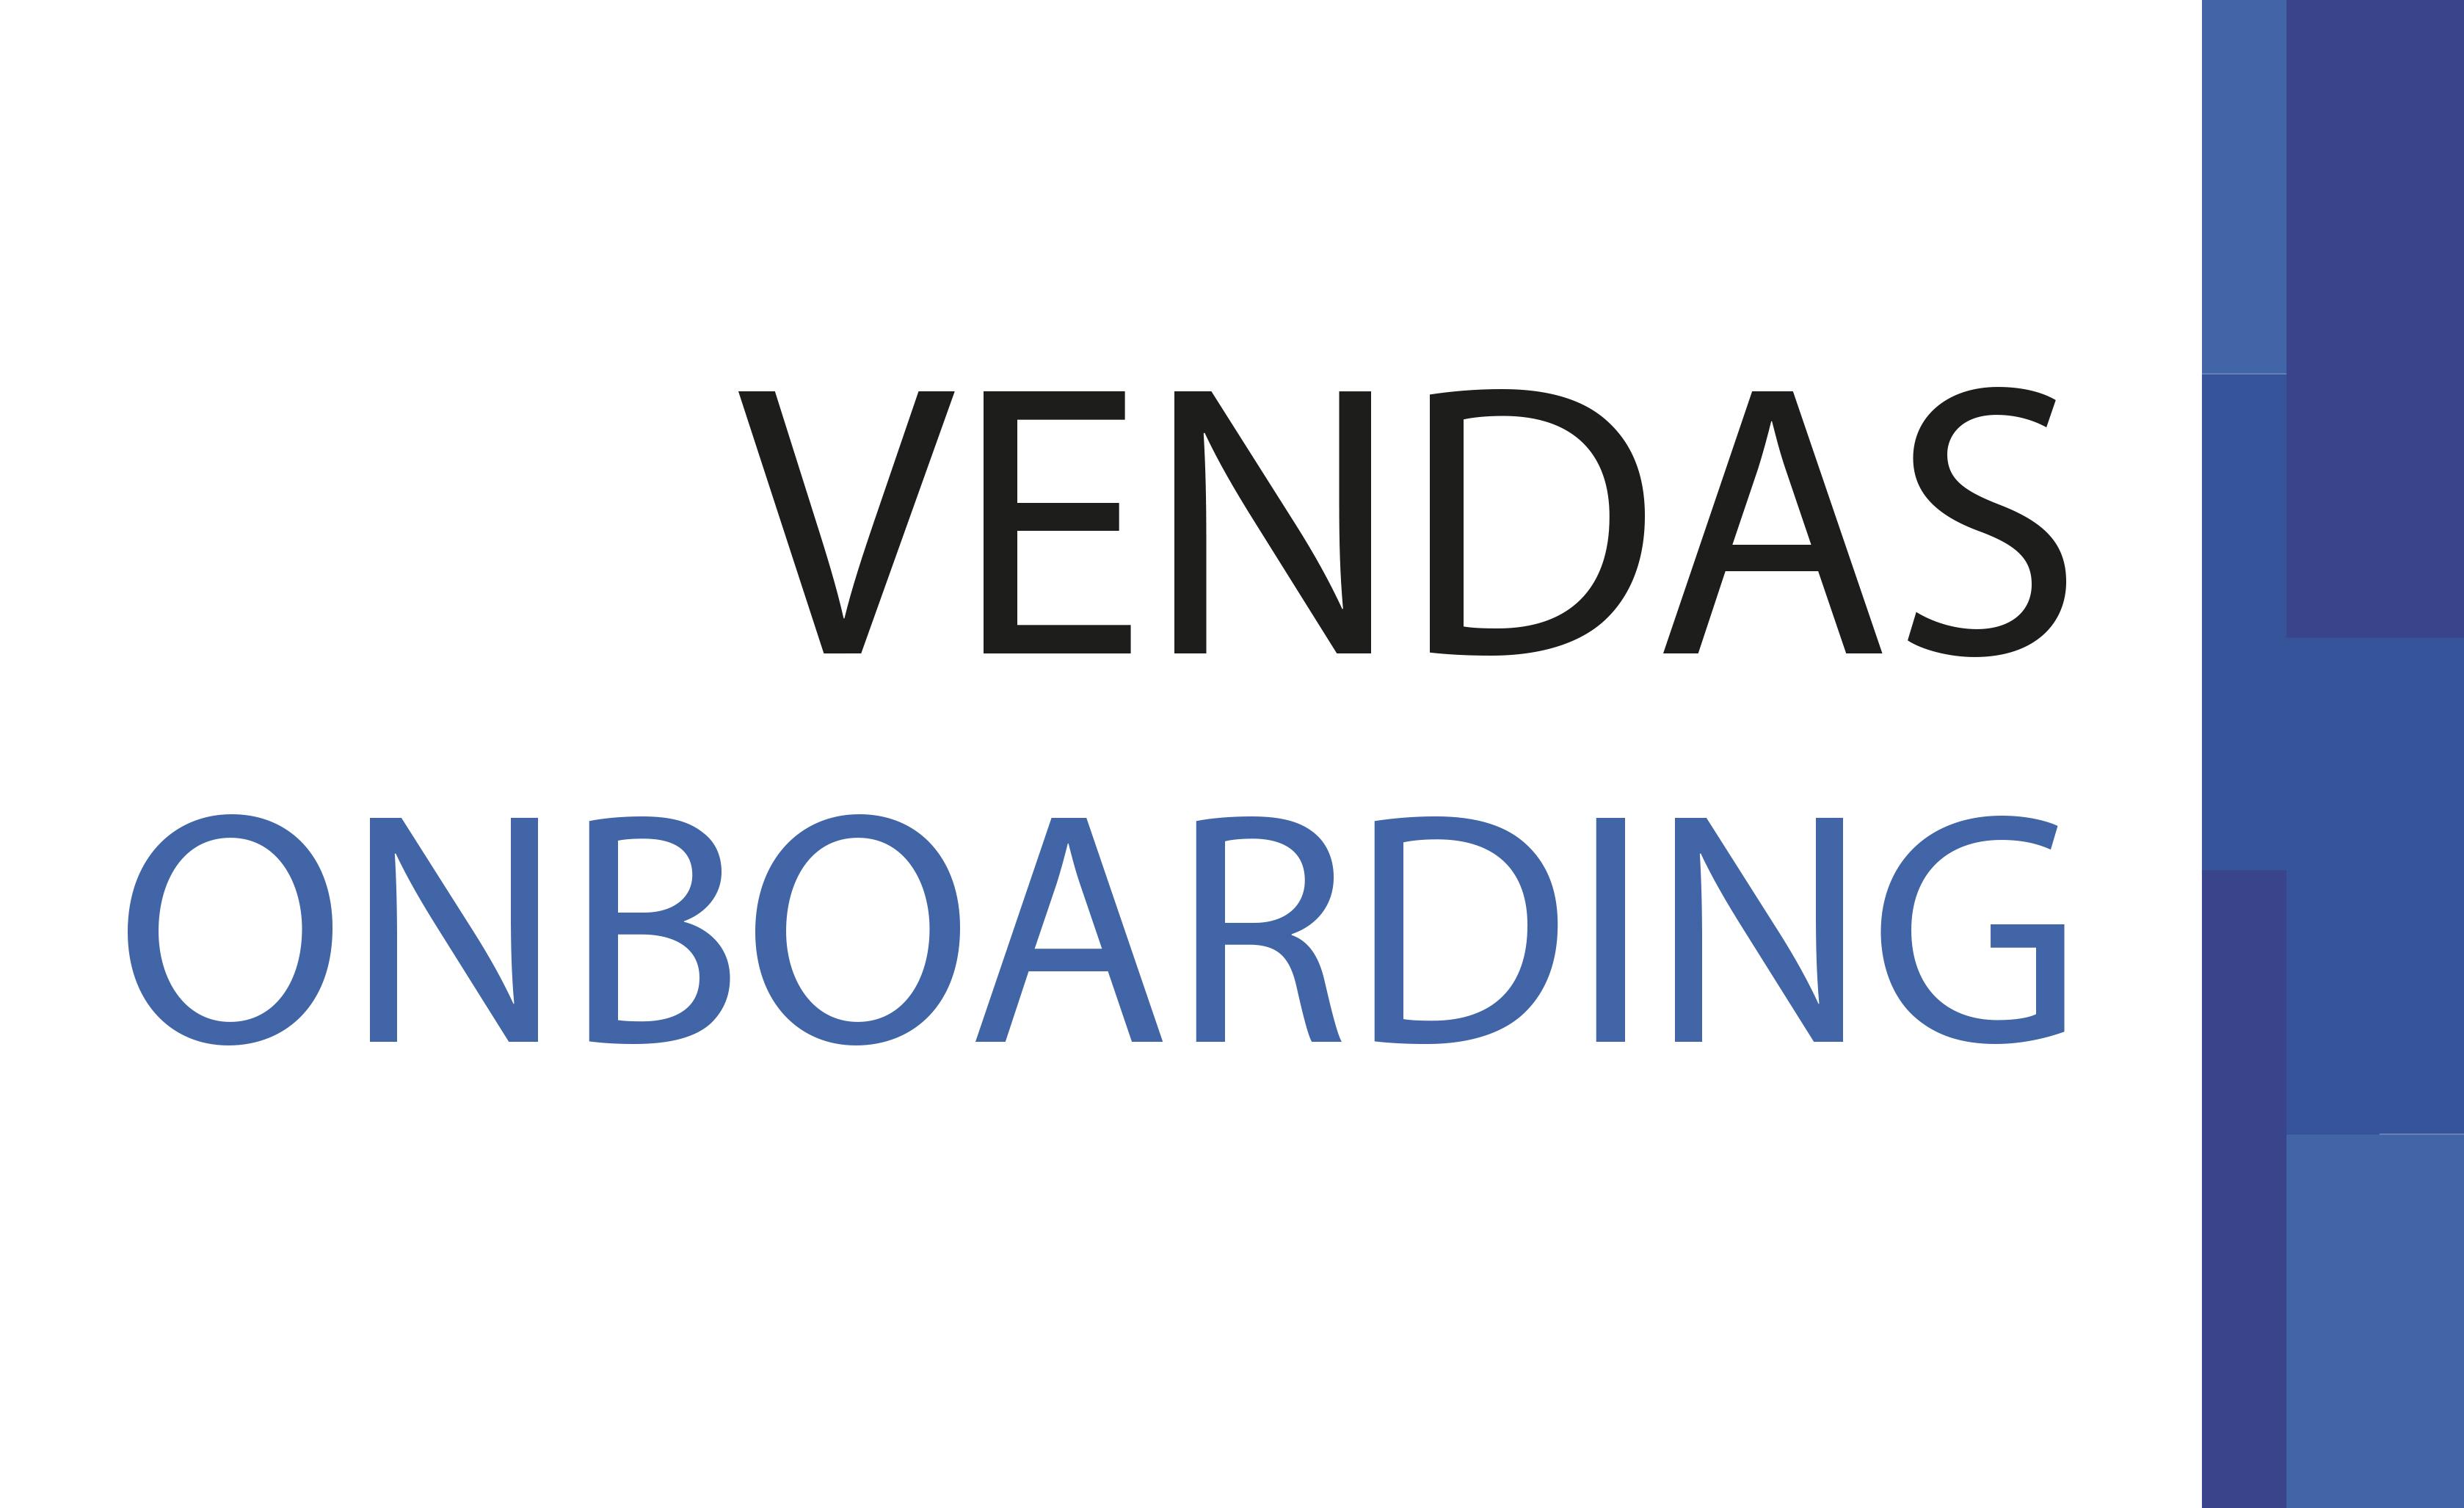 Onboarding 7